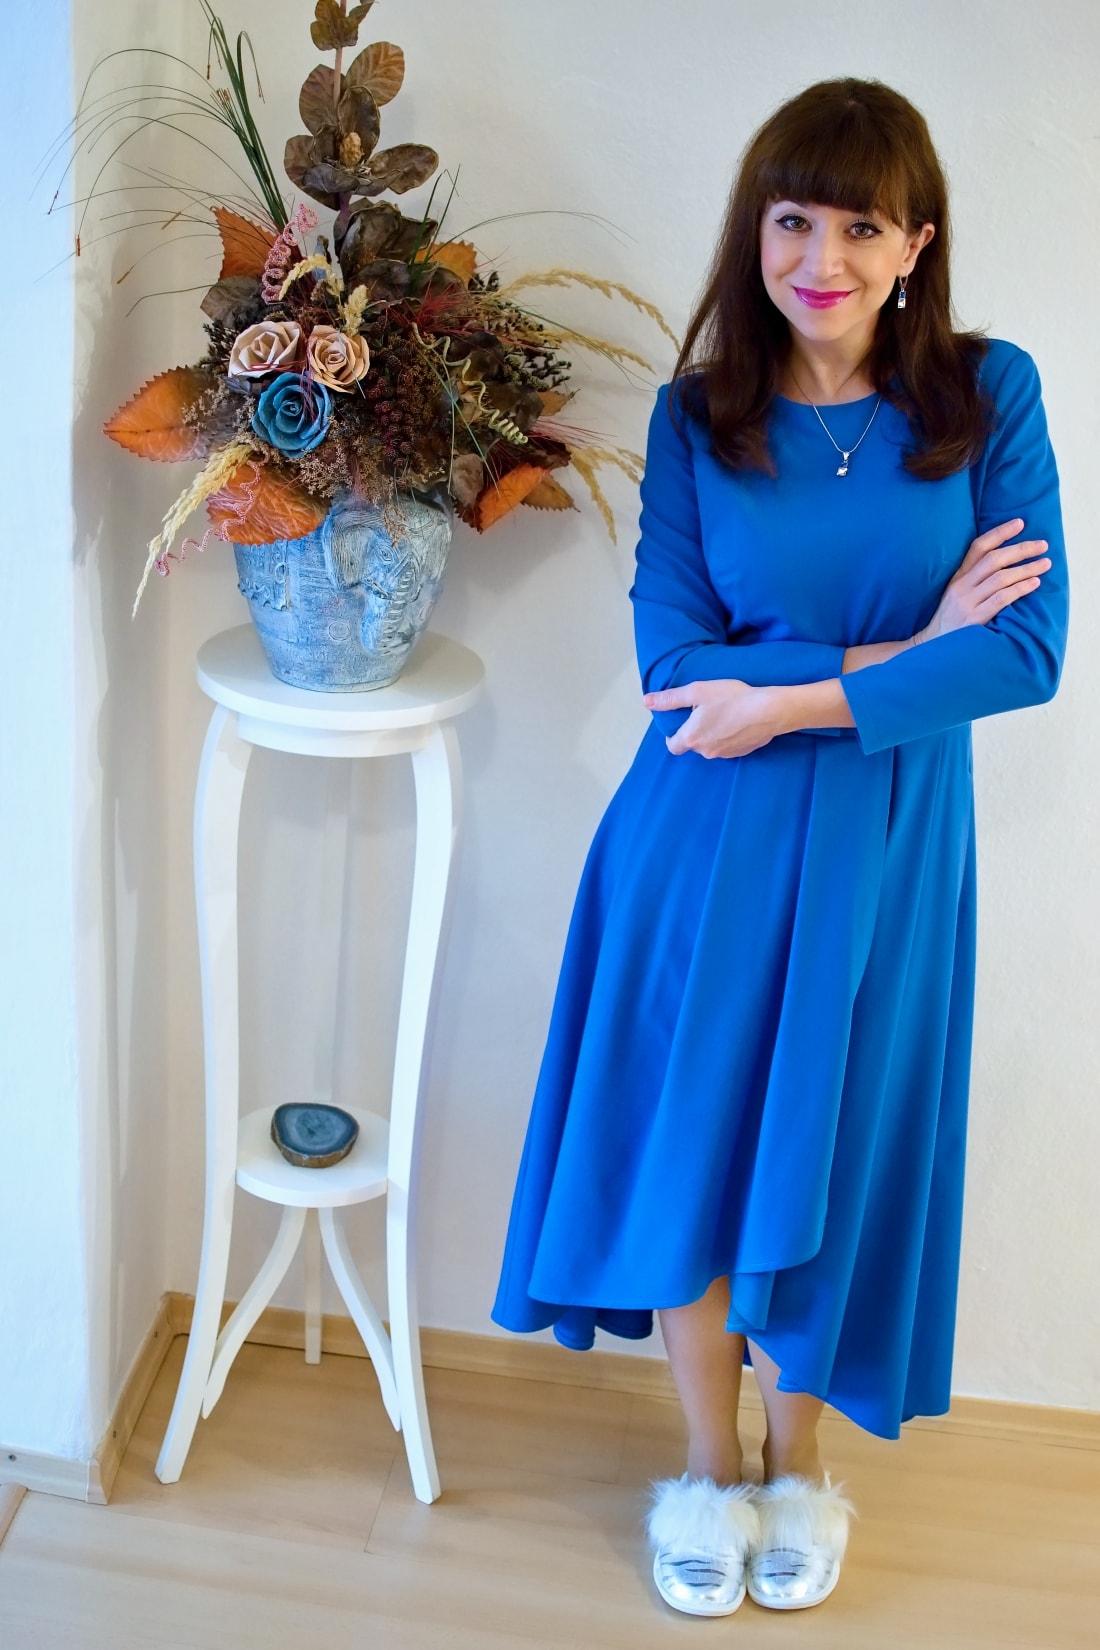 Cap-a-pie_Katharine-fashion is beautiful_blog 4_Modré šaty Fashion Guide_Šperky od Klenoty Hematit_Papuče_Katarína Jakubčová